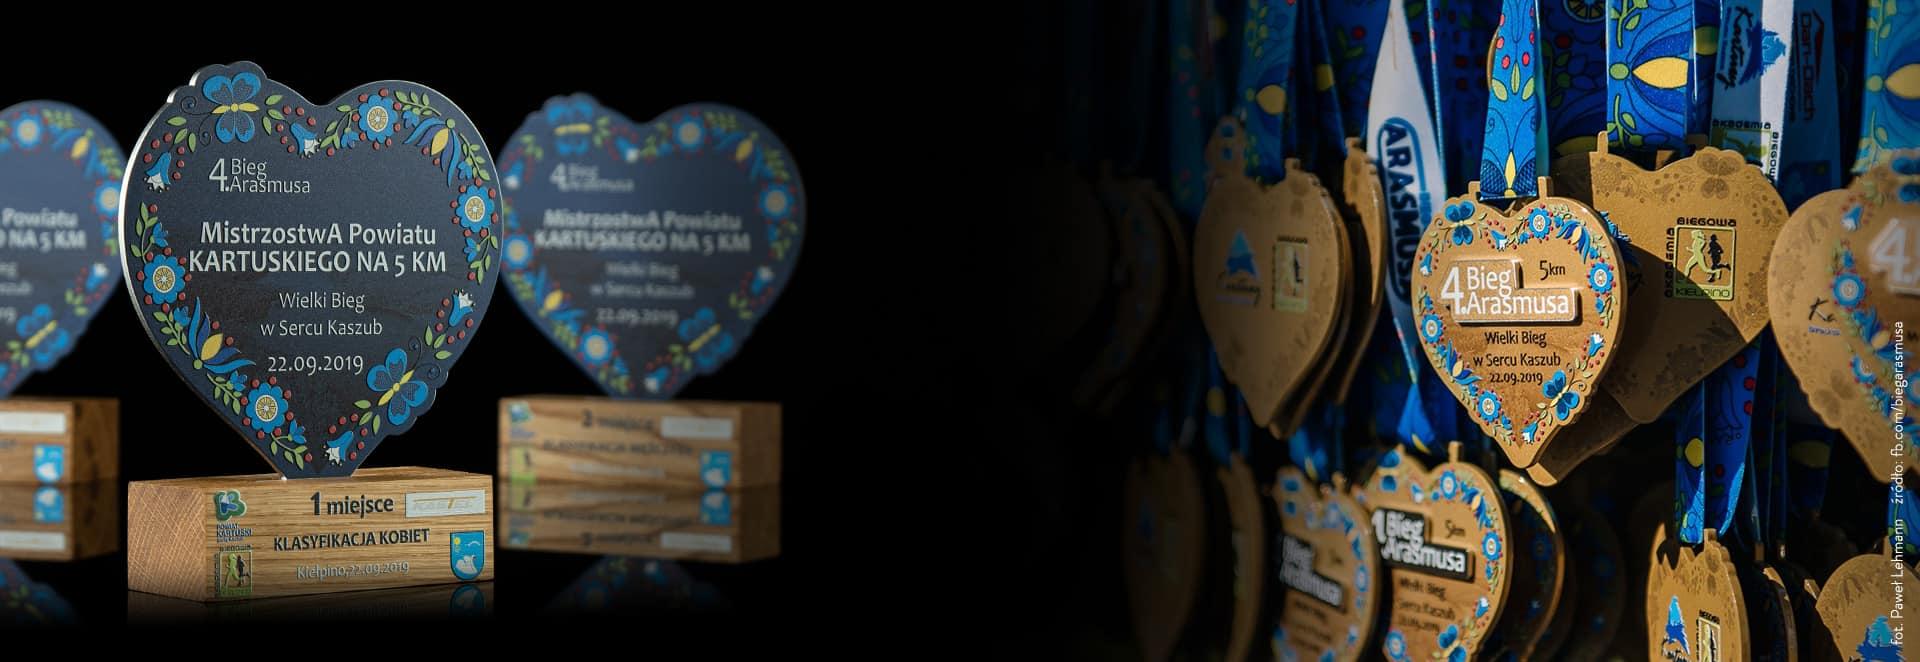 Zestawy nagród - medale, statuetki i trofea, otwieracze, pinsy